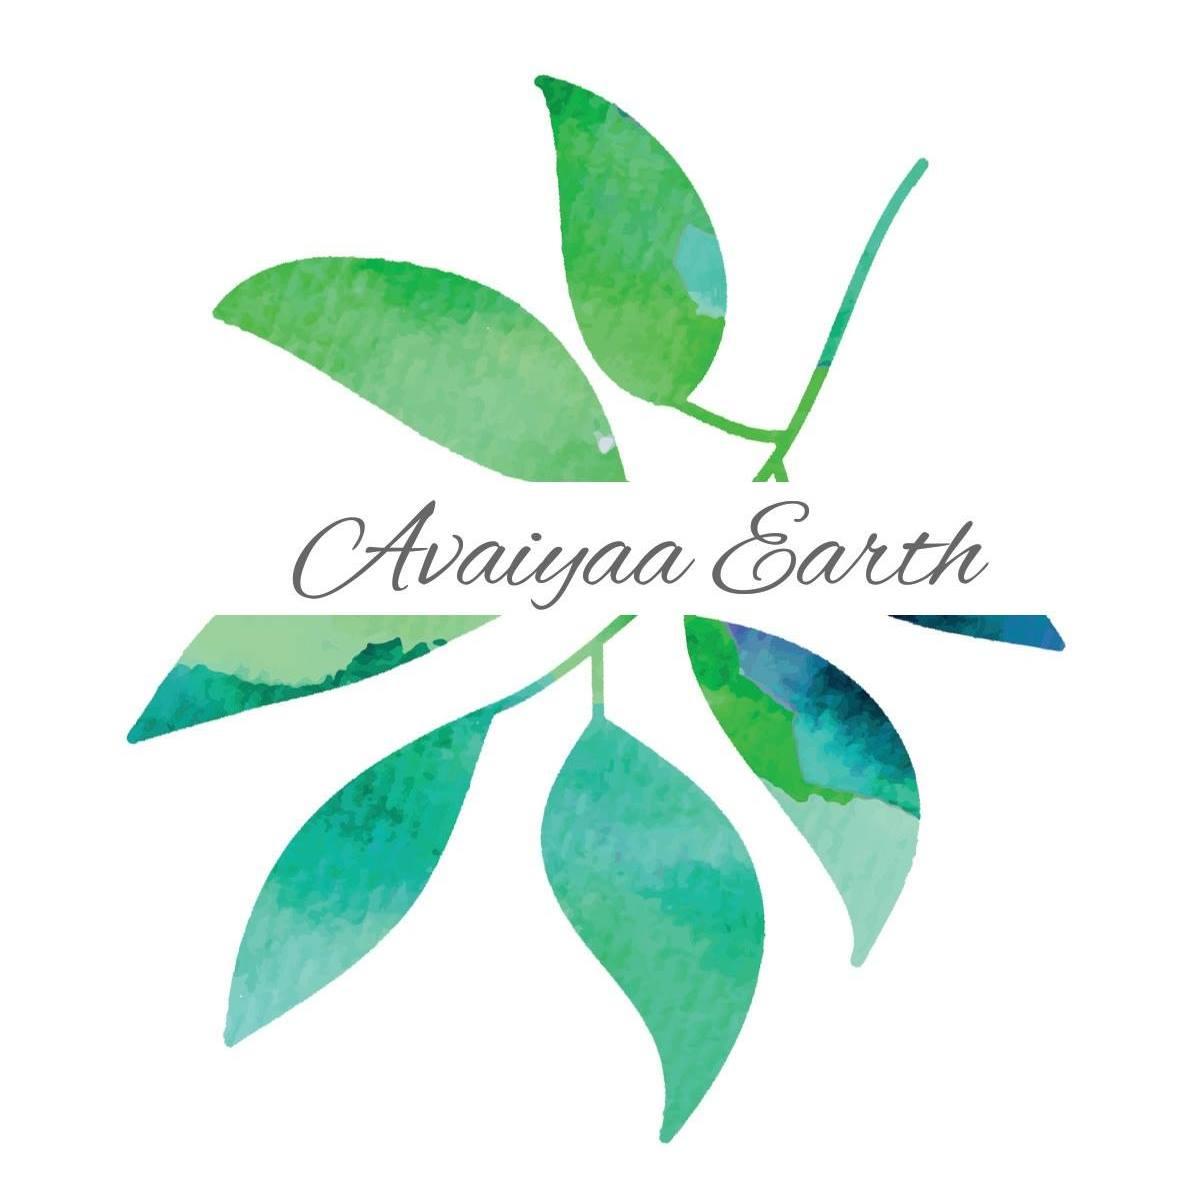 Avaiyaa Earth